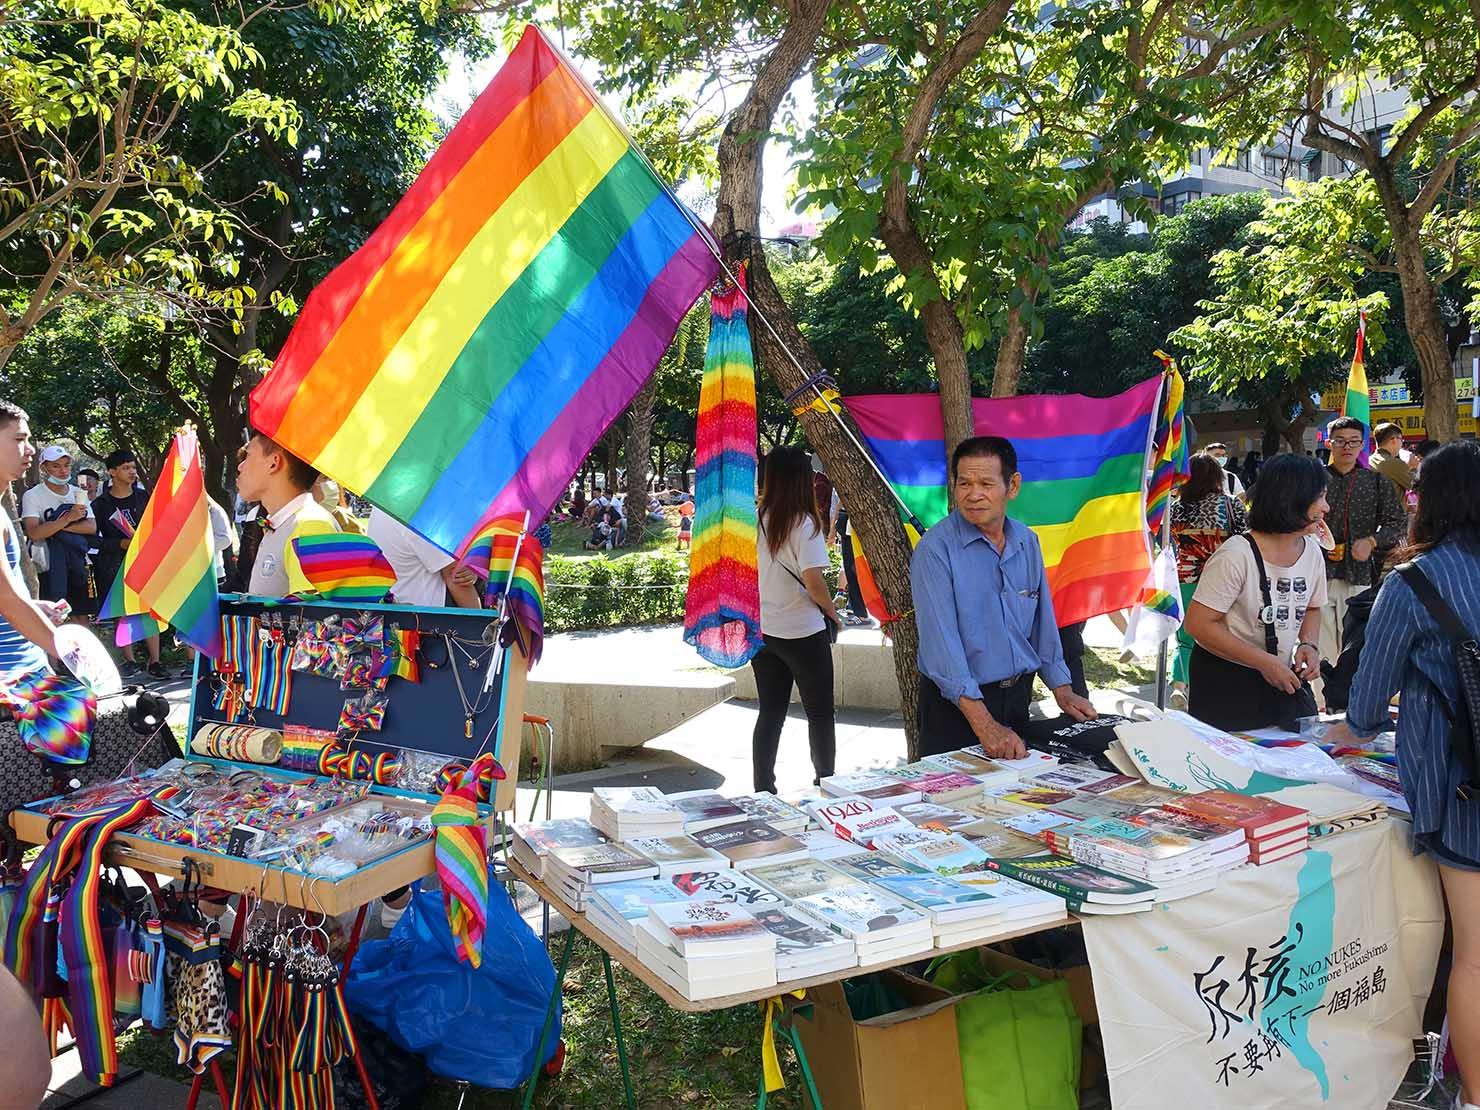 台中同志遊行(台中LGBTプライド)2017でレインボーグッズを並べるブース